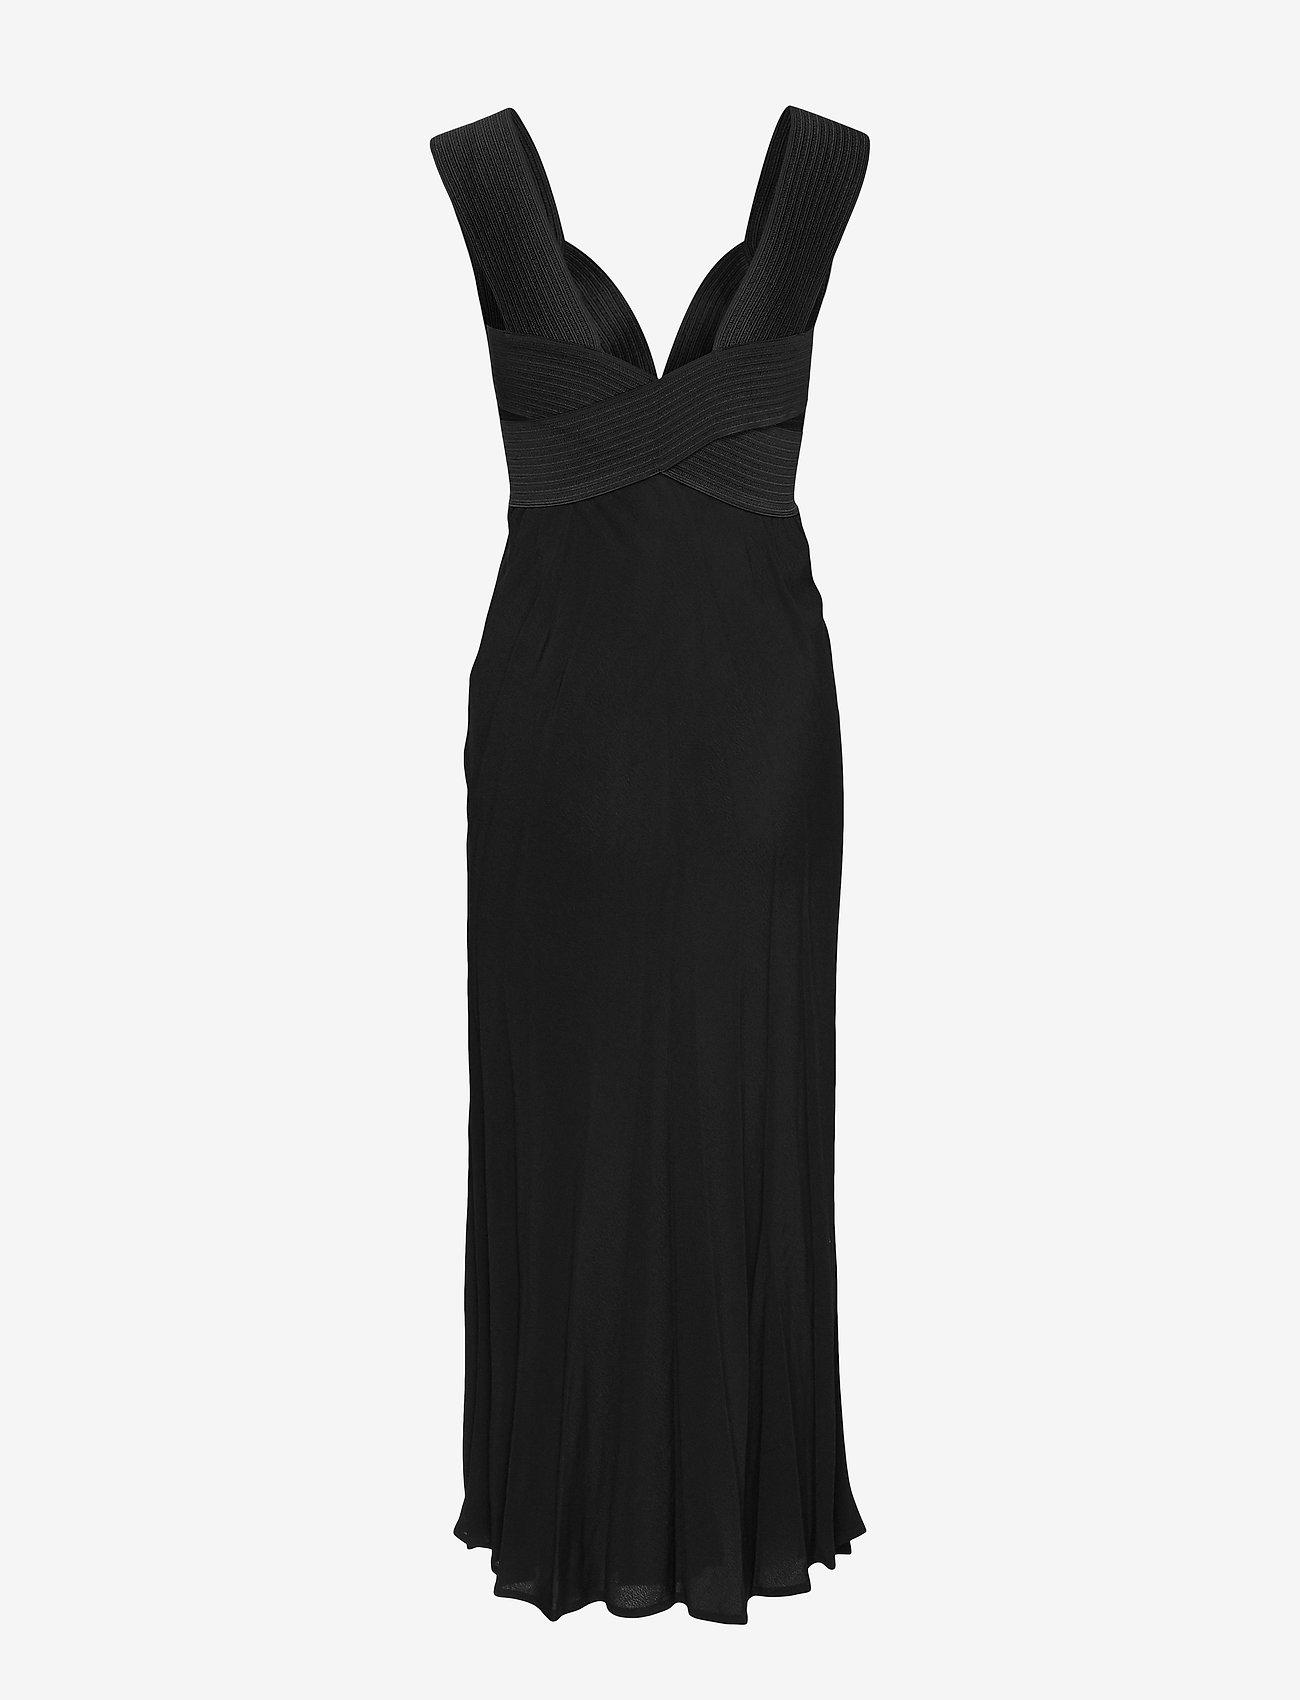 Jaslene (Black) (2519.40 kr) - By Malene Birger